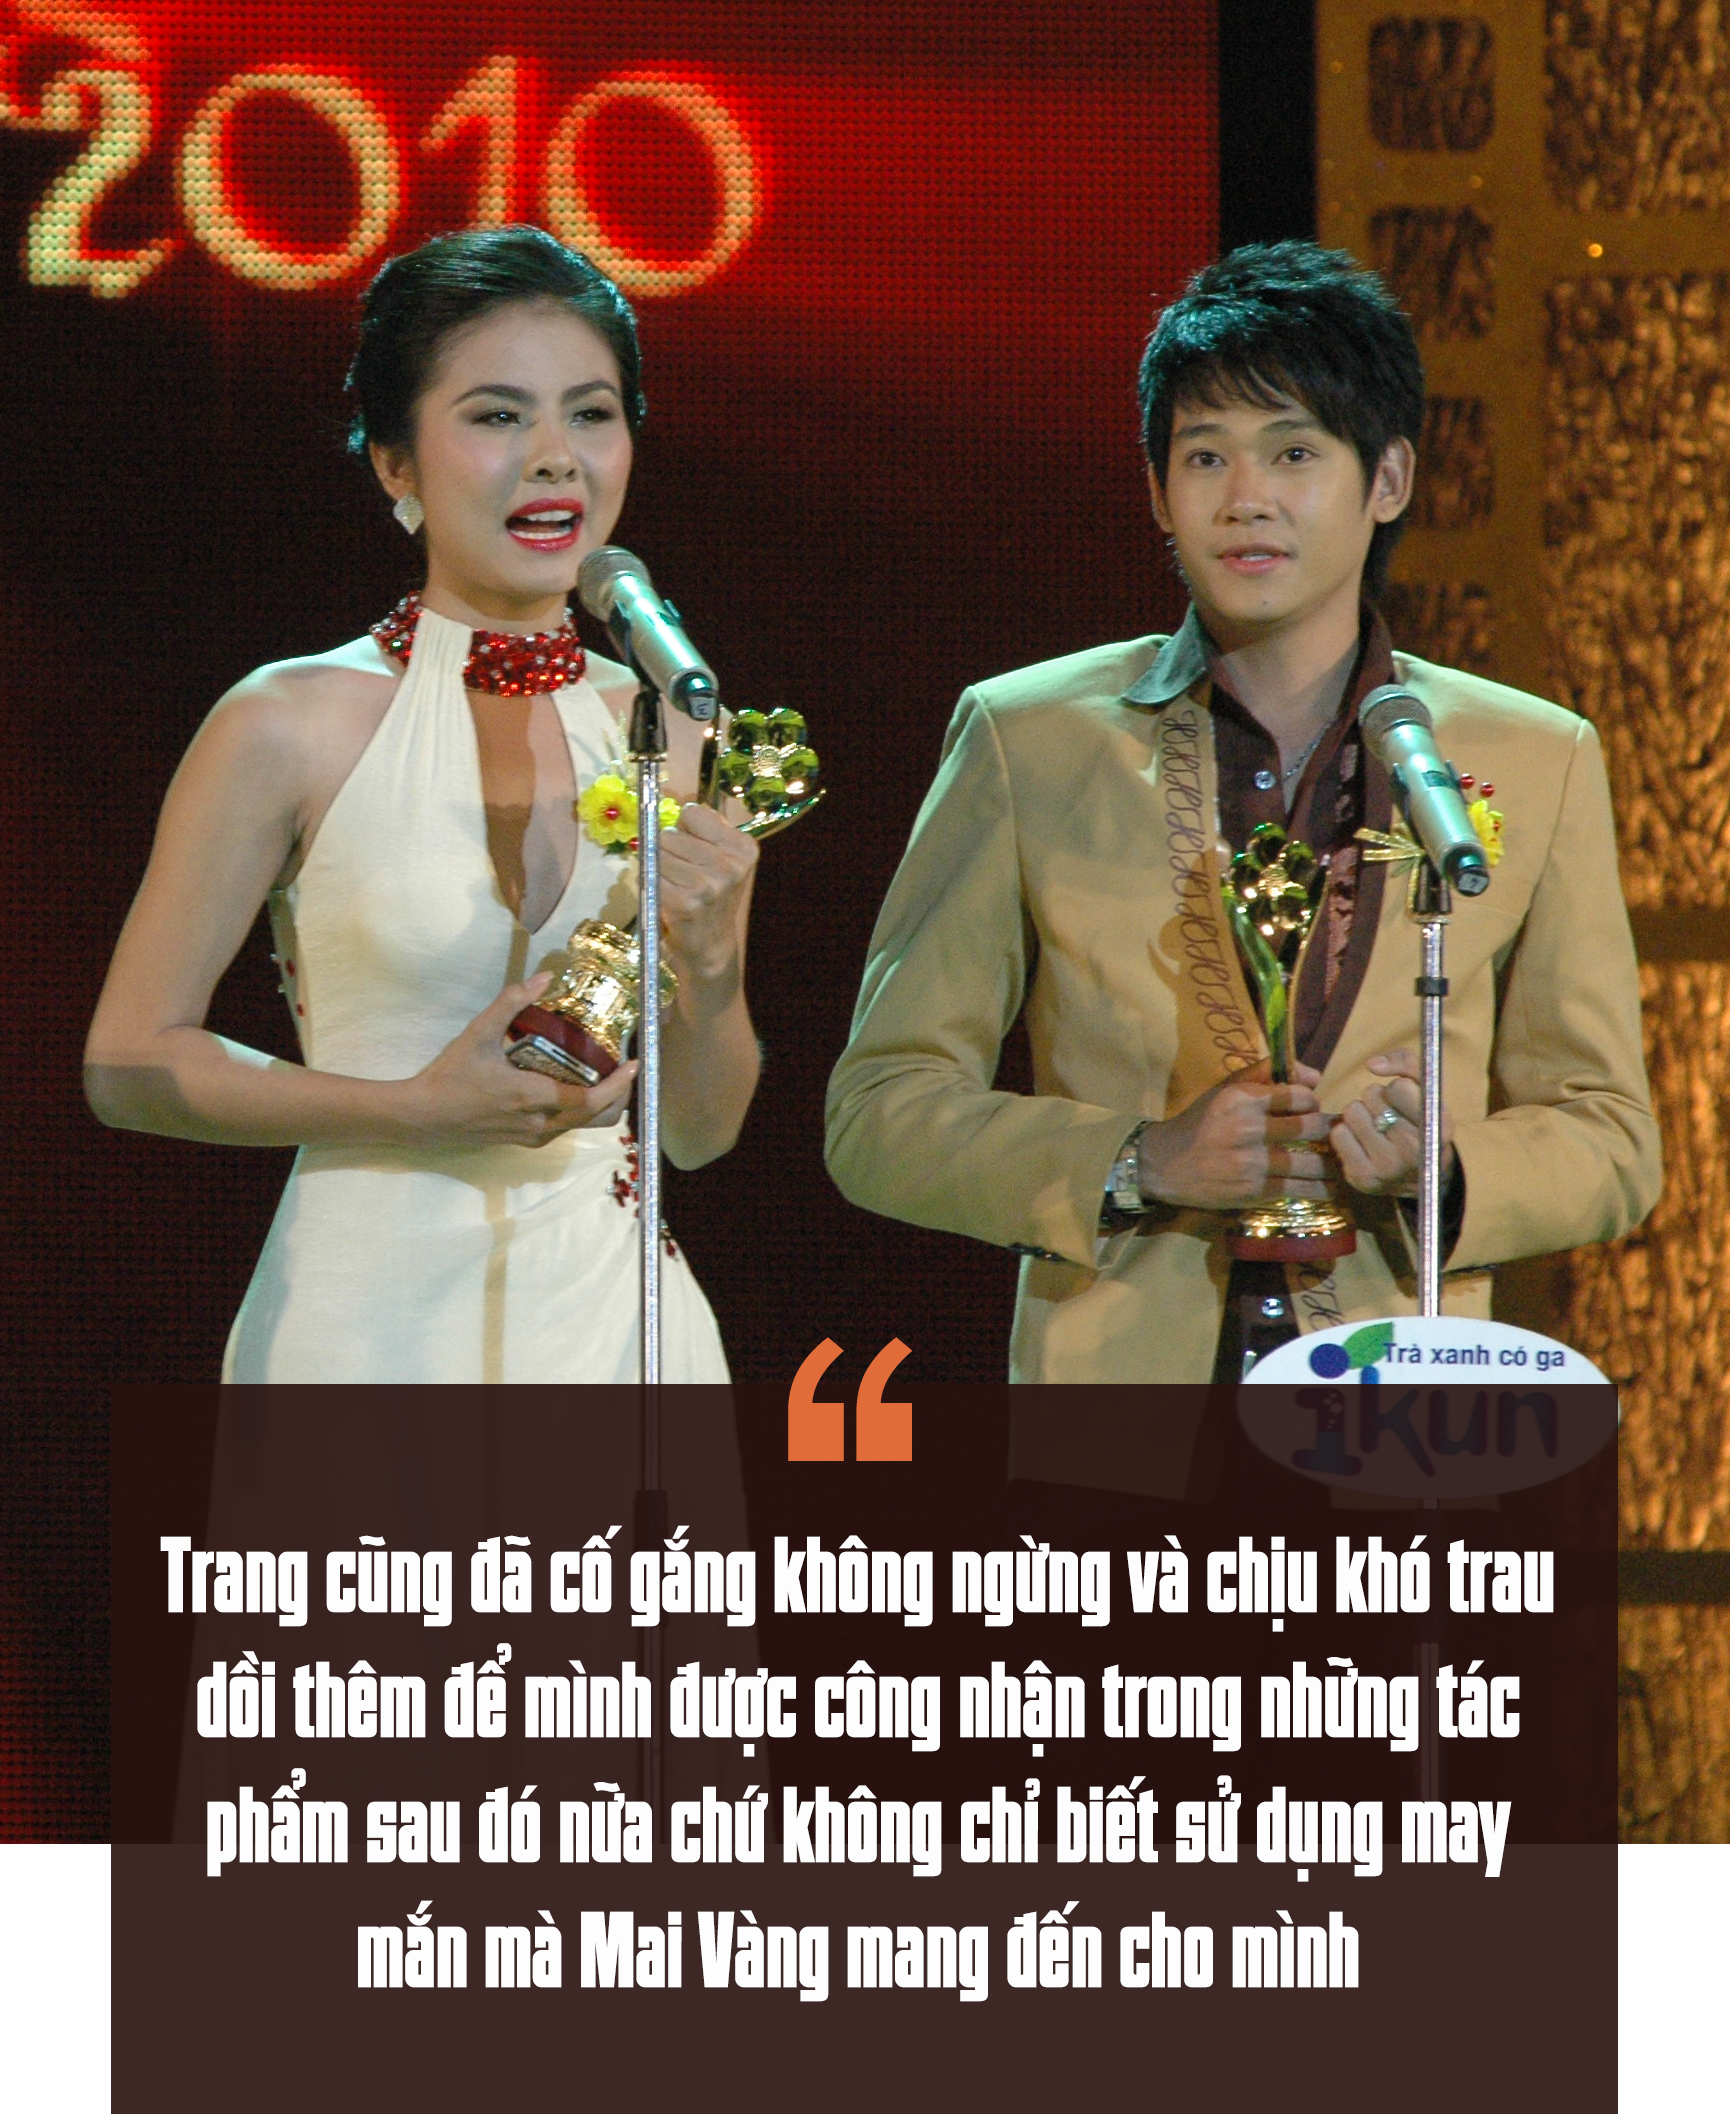 [eMagazine] Vân Trang: Giải Mai Vàng là dấu son quý giá trong sự nghiệp của tôi! - Ảnh 4.